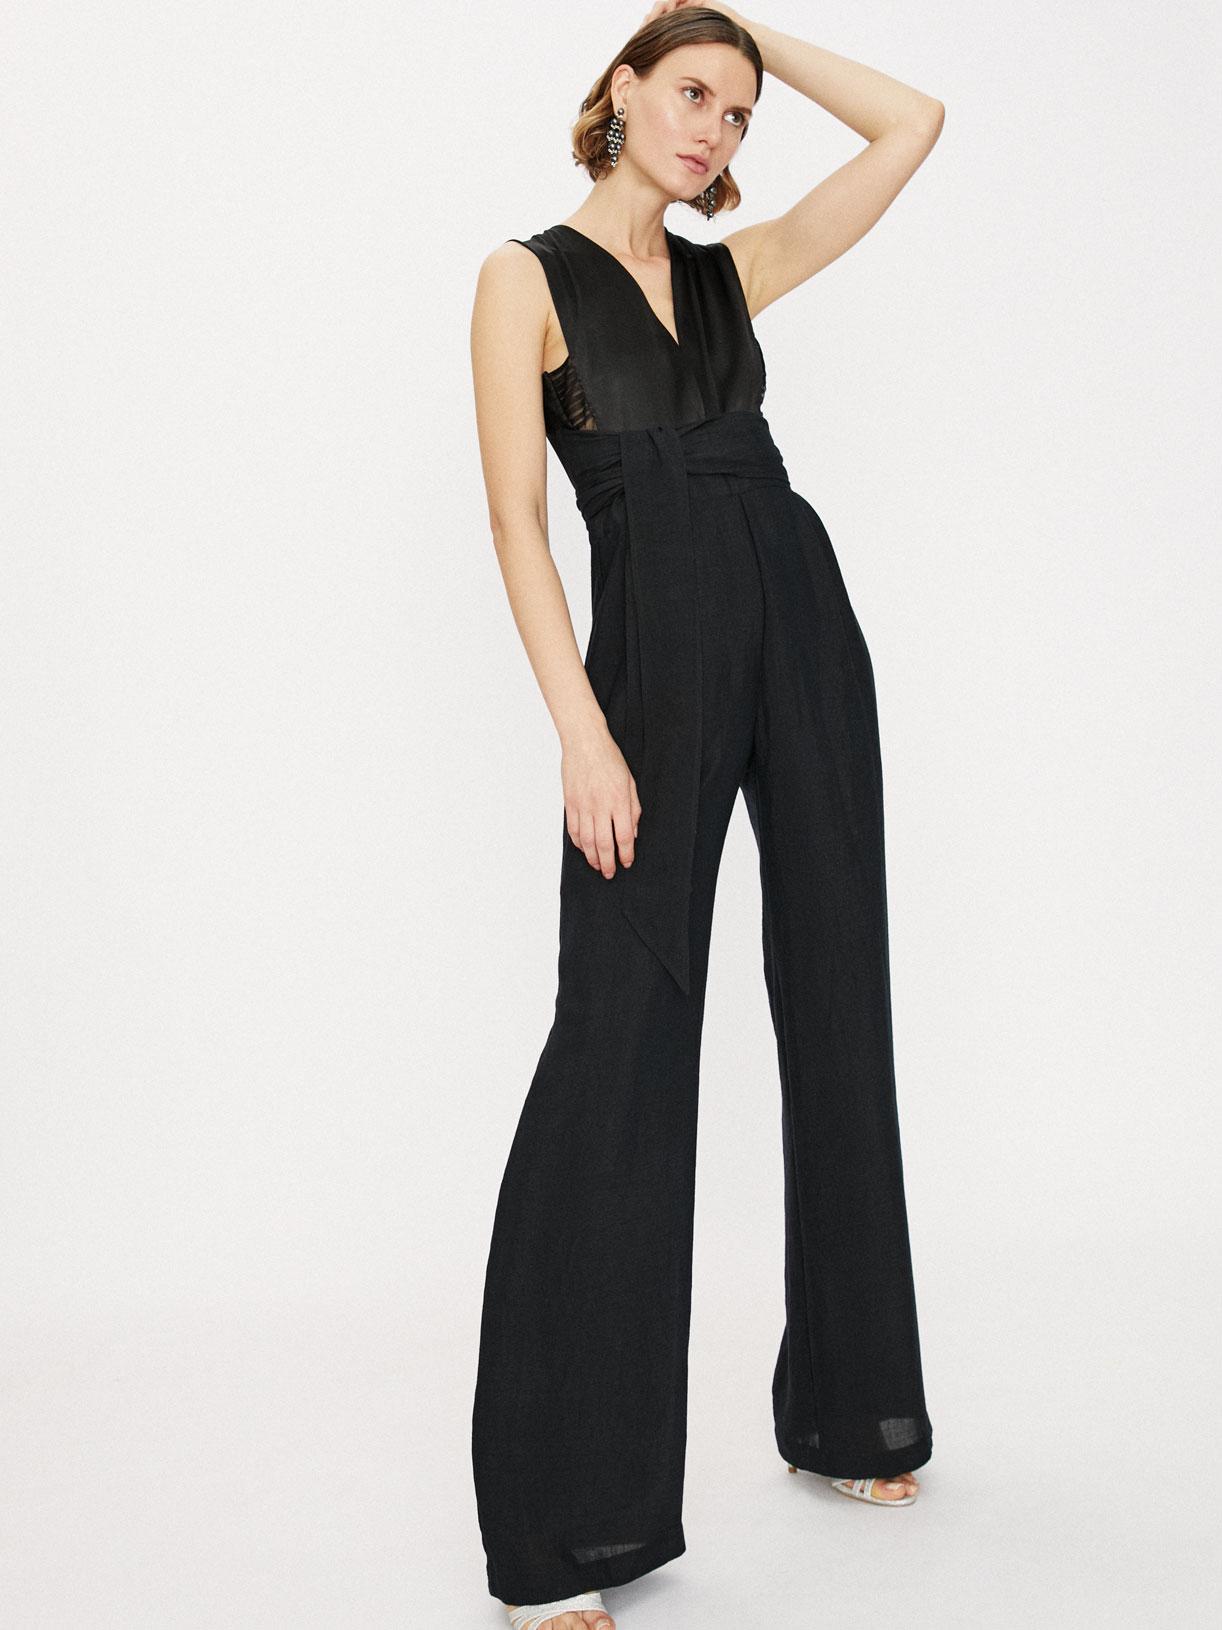 Combinaison pantalon large de soirée écoresponsable - Creatrice de mode éthique et bio a Paris - Myphilosophy